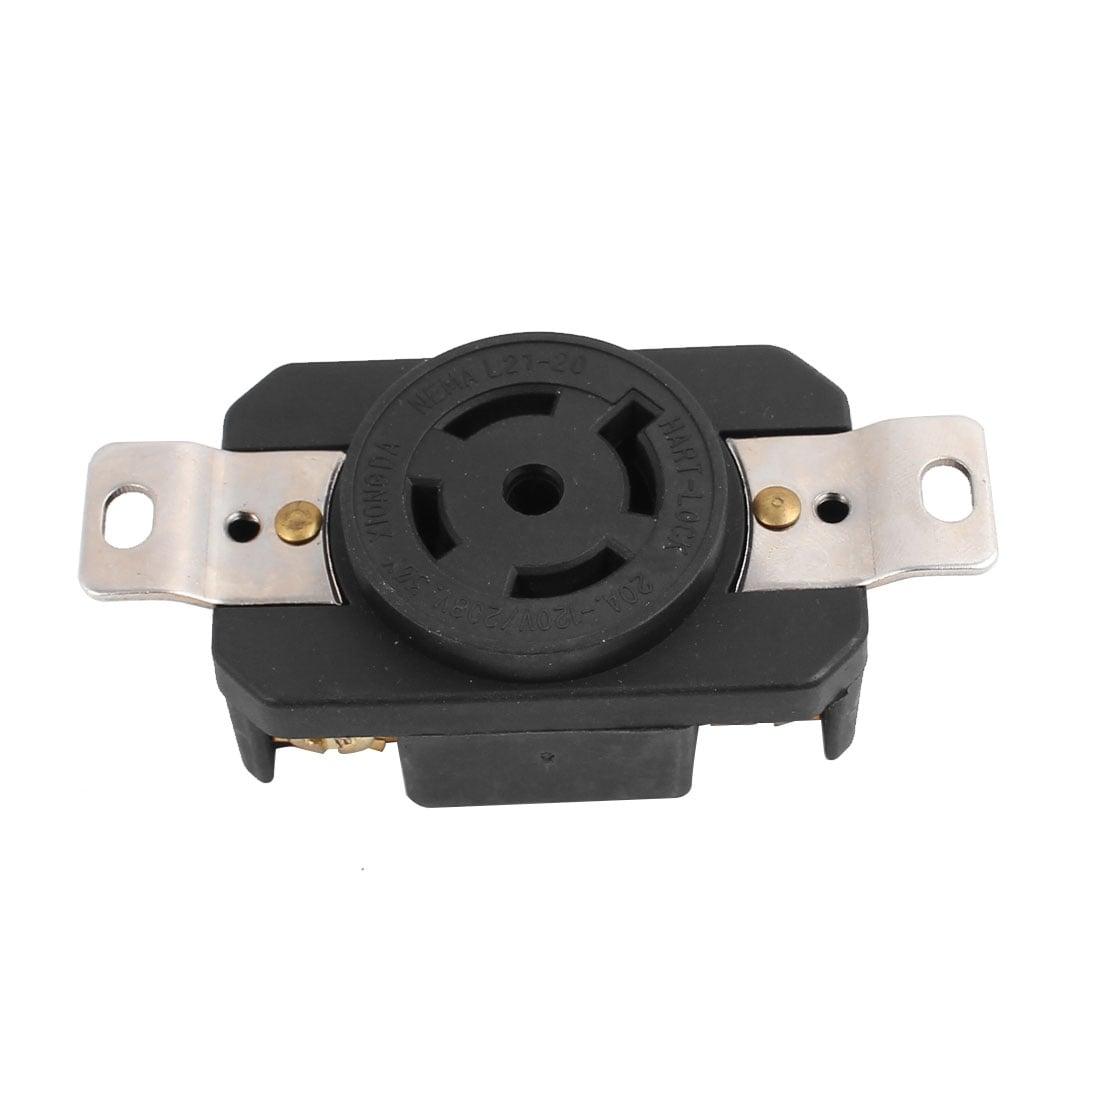 Shop 120V/208V 20A 5 US Socket Locking Device Receptacle Industrial ...